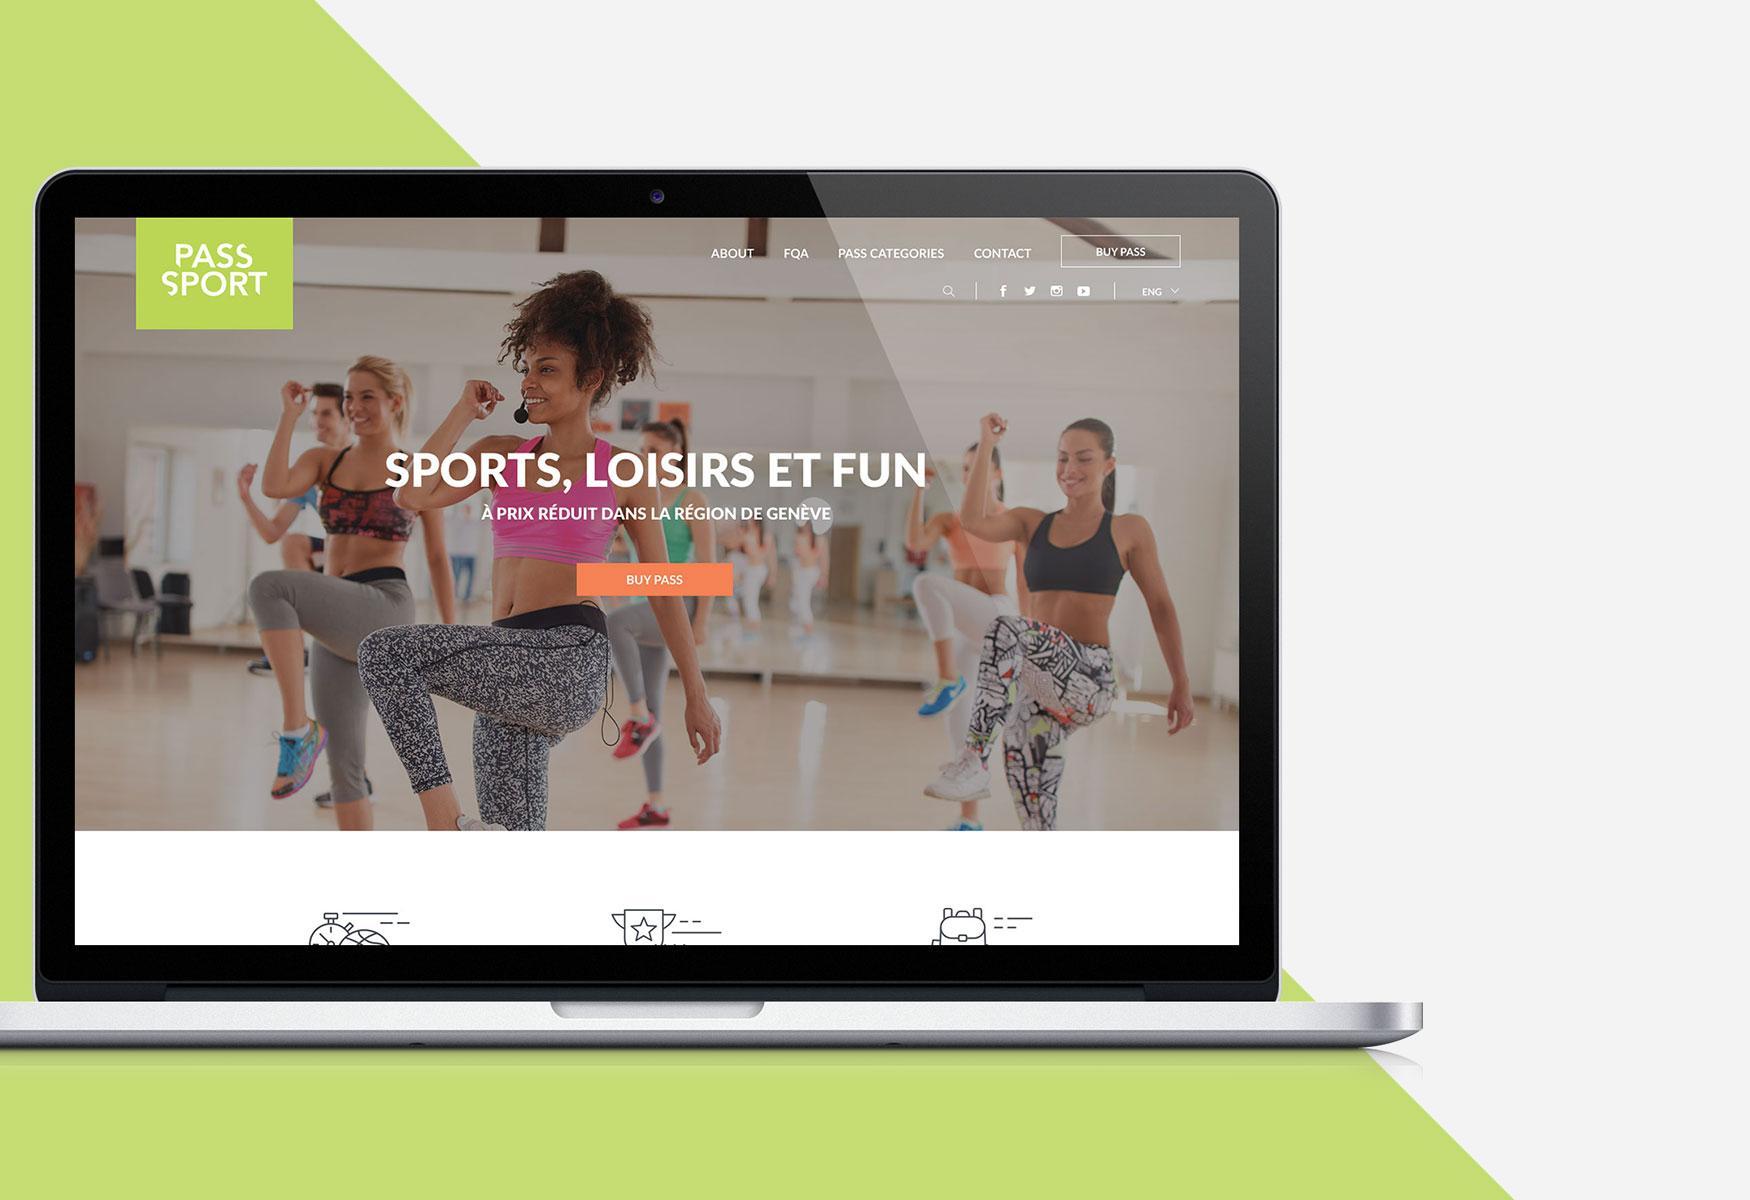 Representación visual de la página de inicio de un sitio web